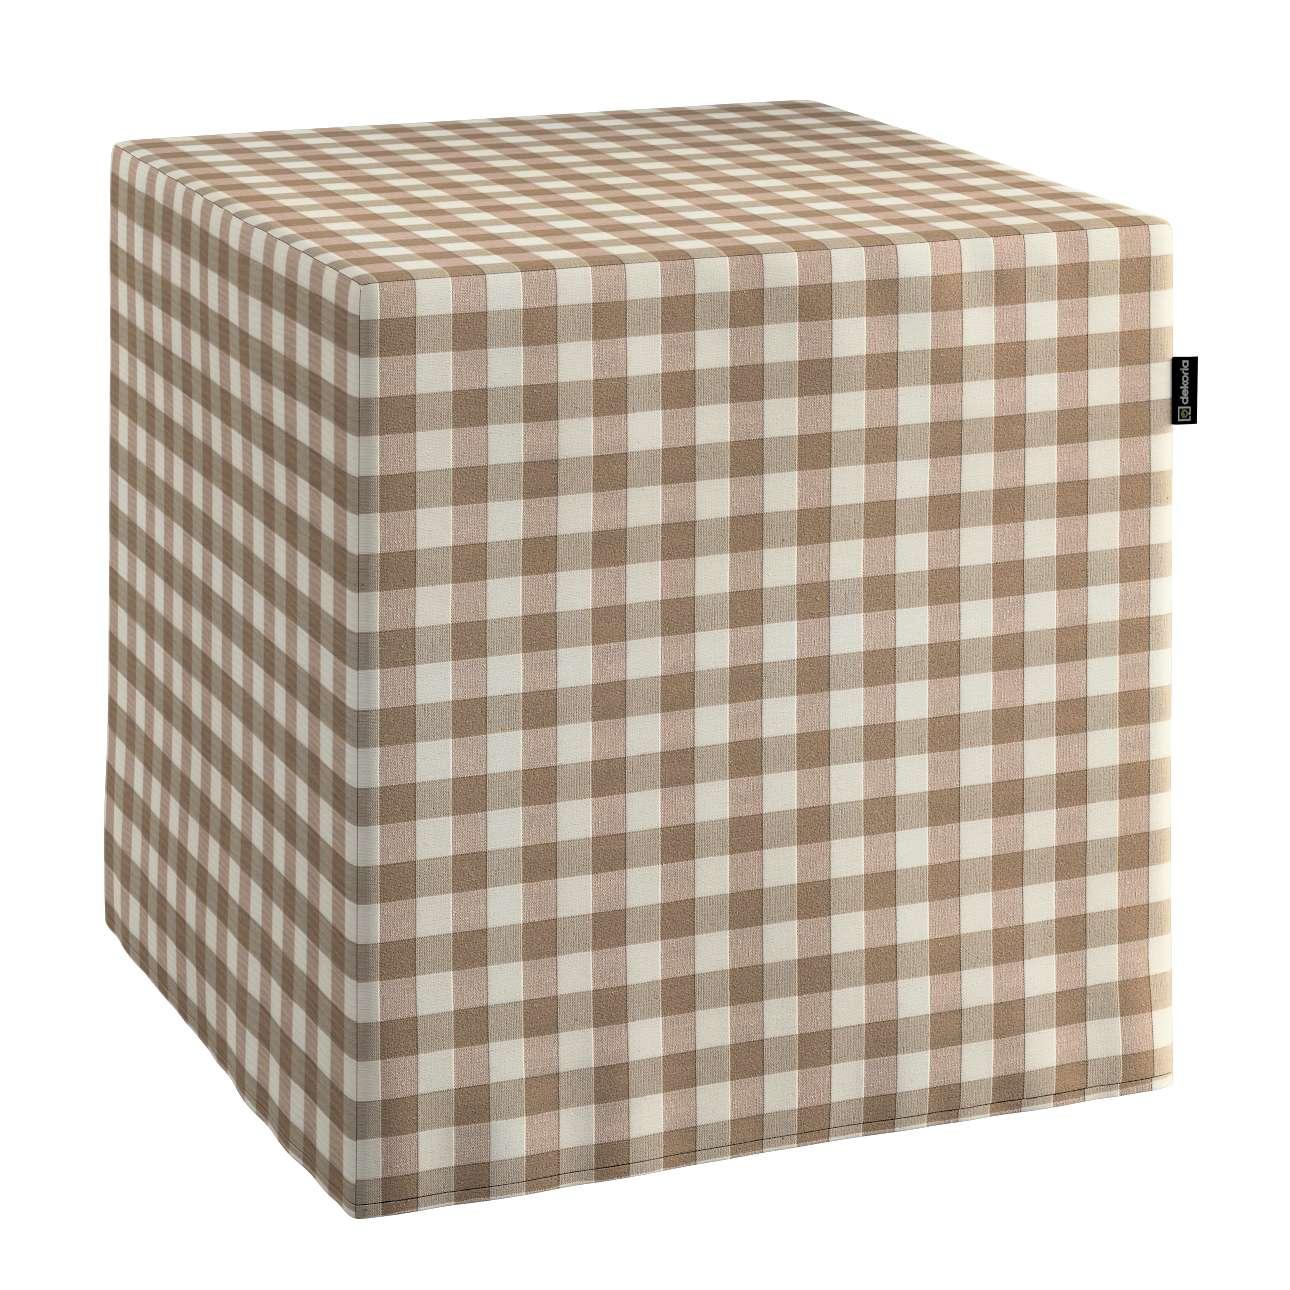 Sedák kostka - pevná 40x40x40 40 x 40 x 40 cm v kolekci Quadro, látka: 136-06